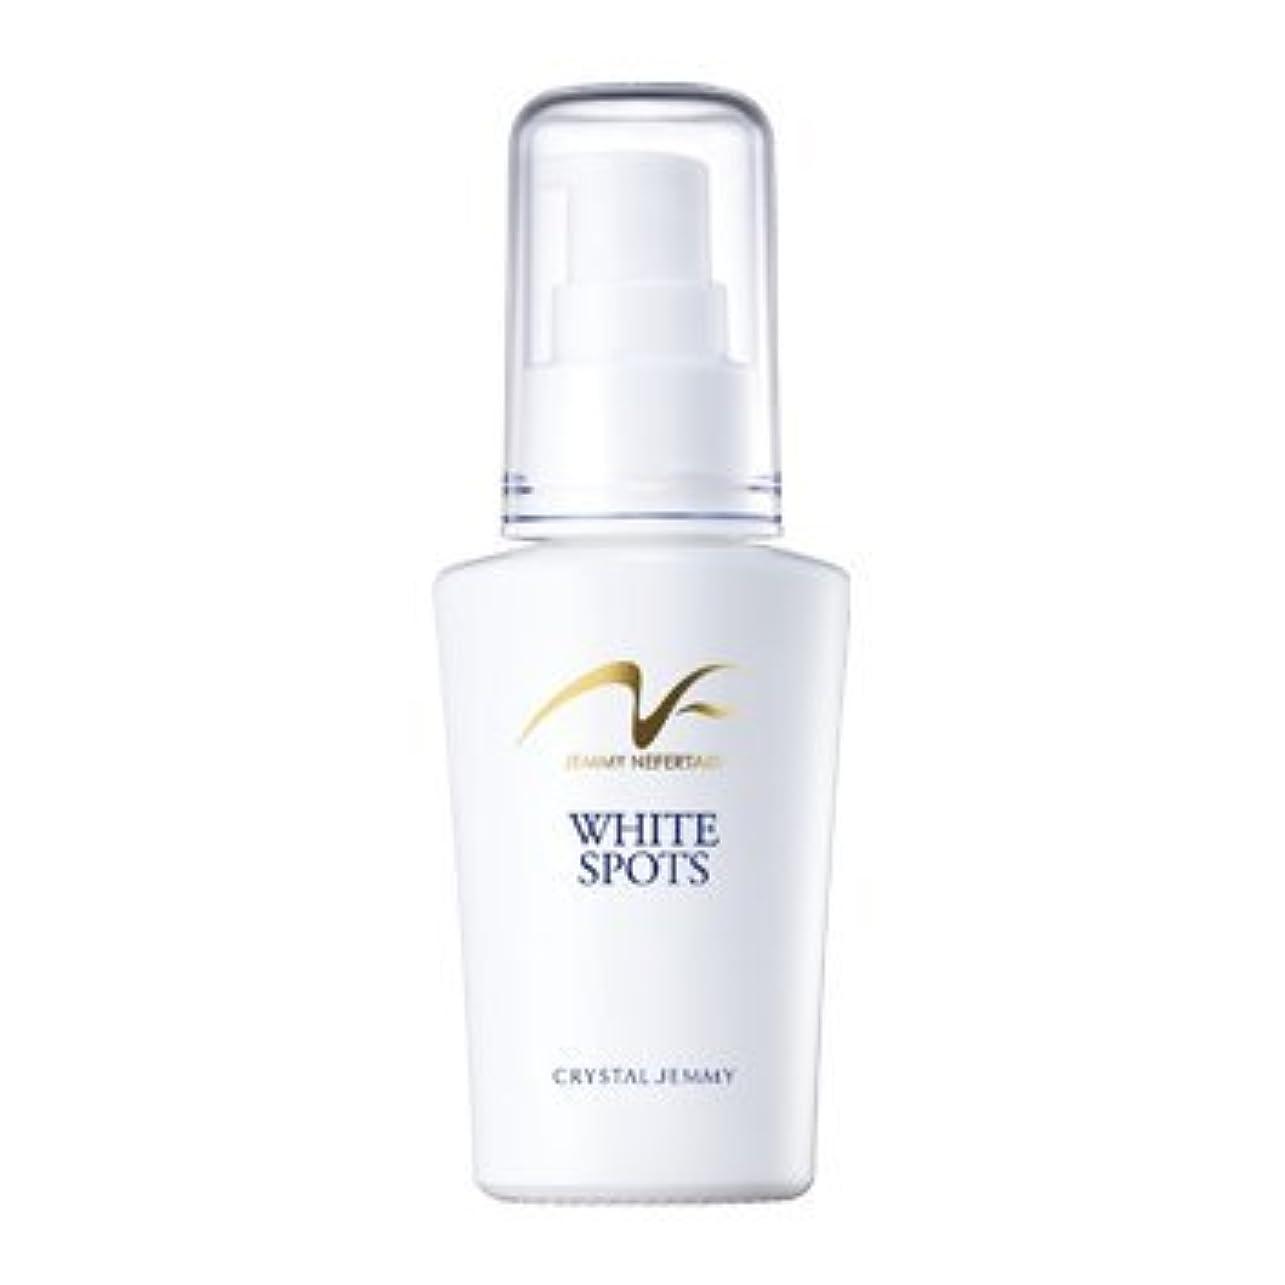 生きている休憩するどきどきクリスタルジェミー ジェミーネフェルタリ薬用ホワイトスポッツ 美容液 美白 集中 シミ 対策